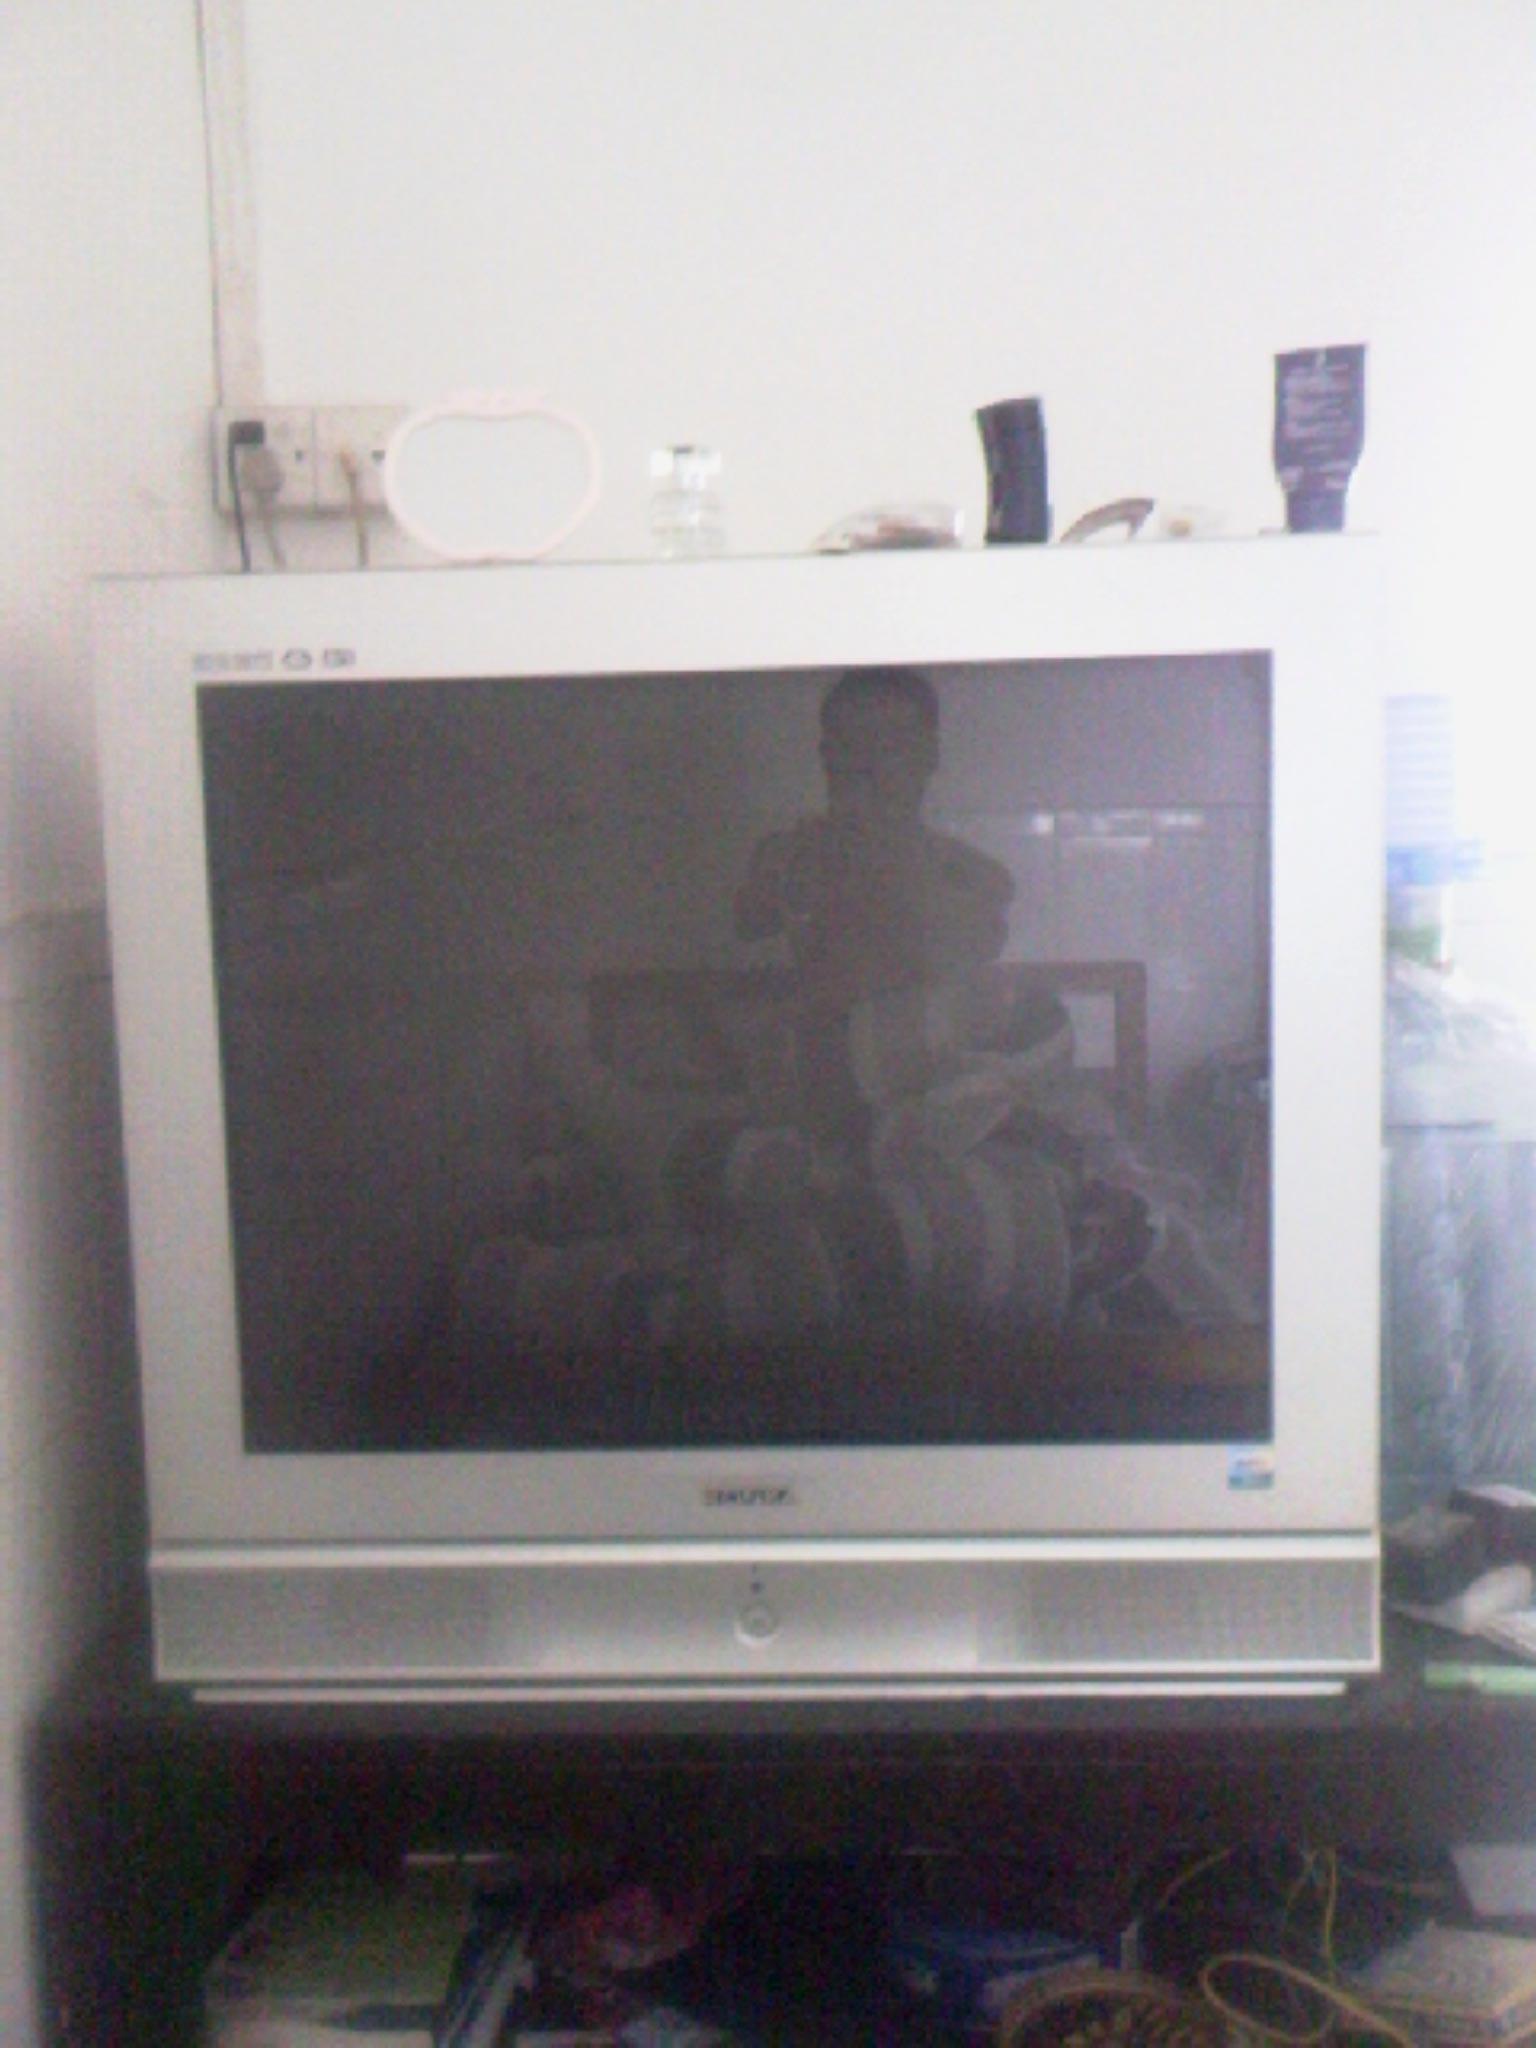 > [转让]出售康佳34寸彩色电视 500元不讲价送电视柜 有图